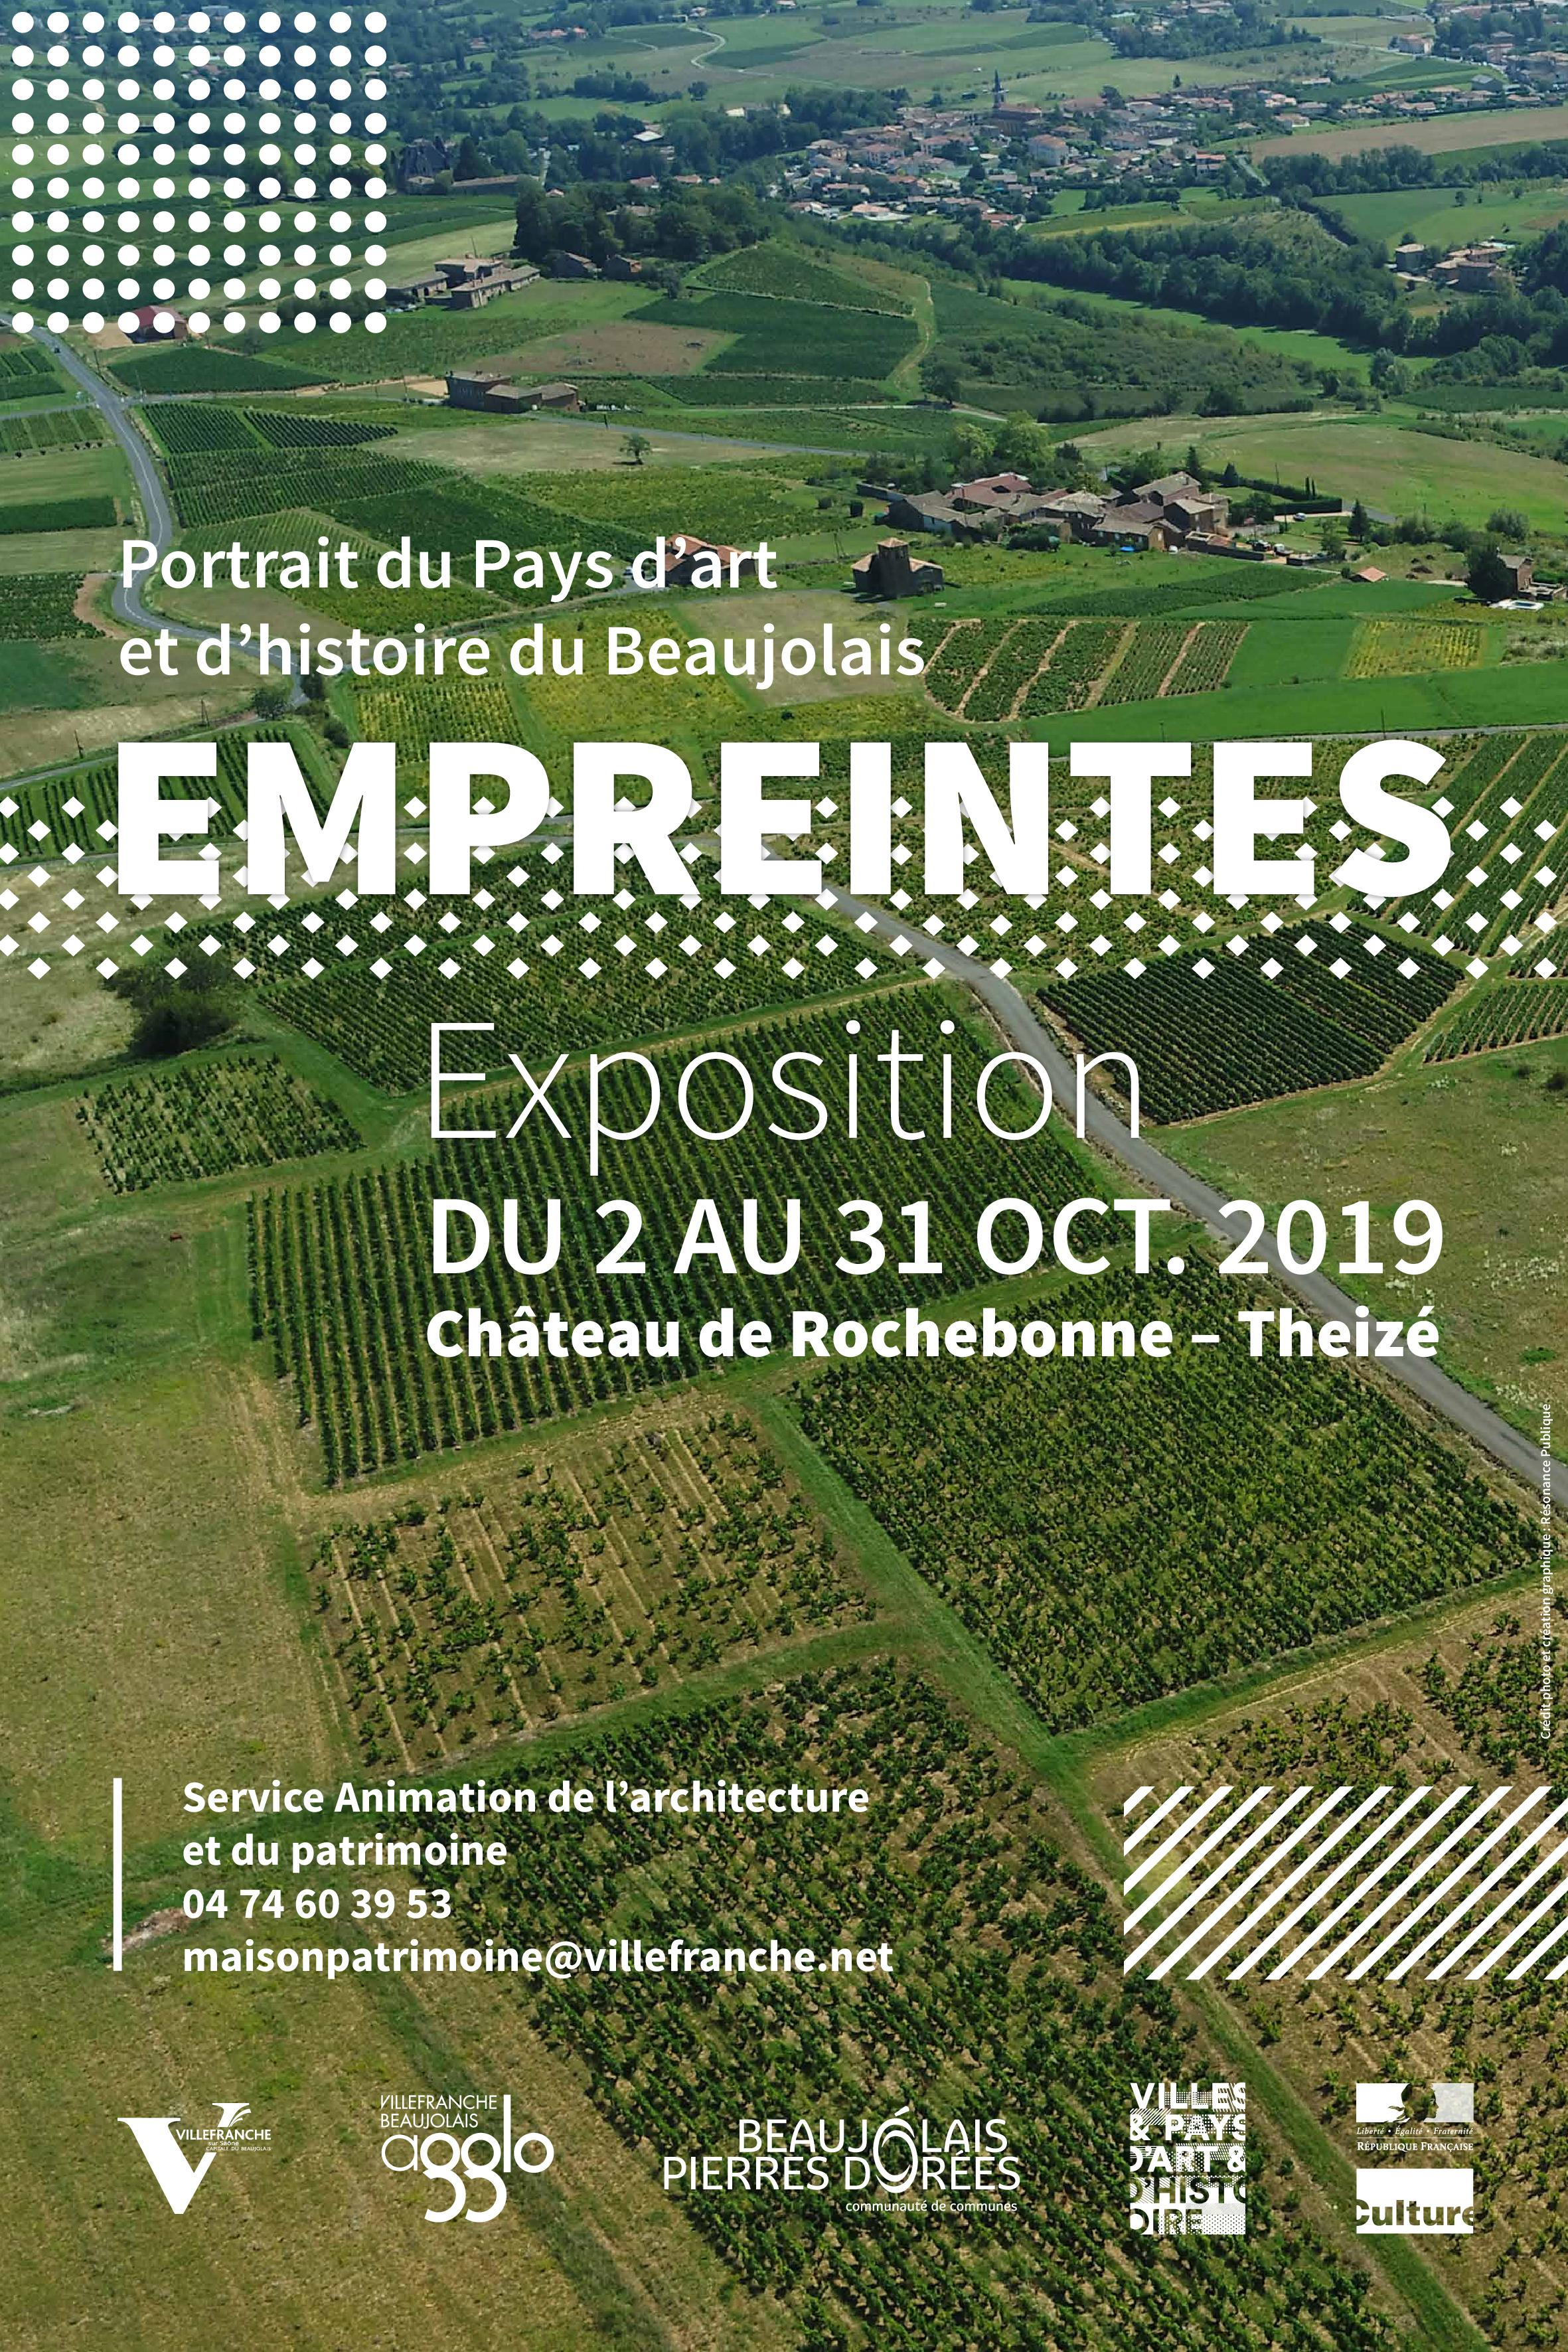 Exposition du 02 au 31 octobre 2019